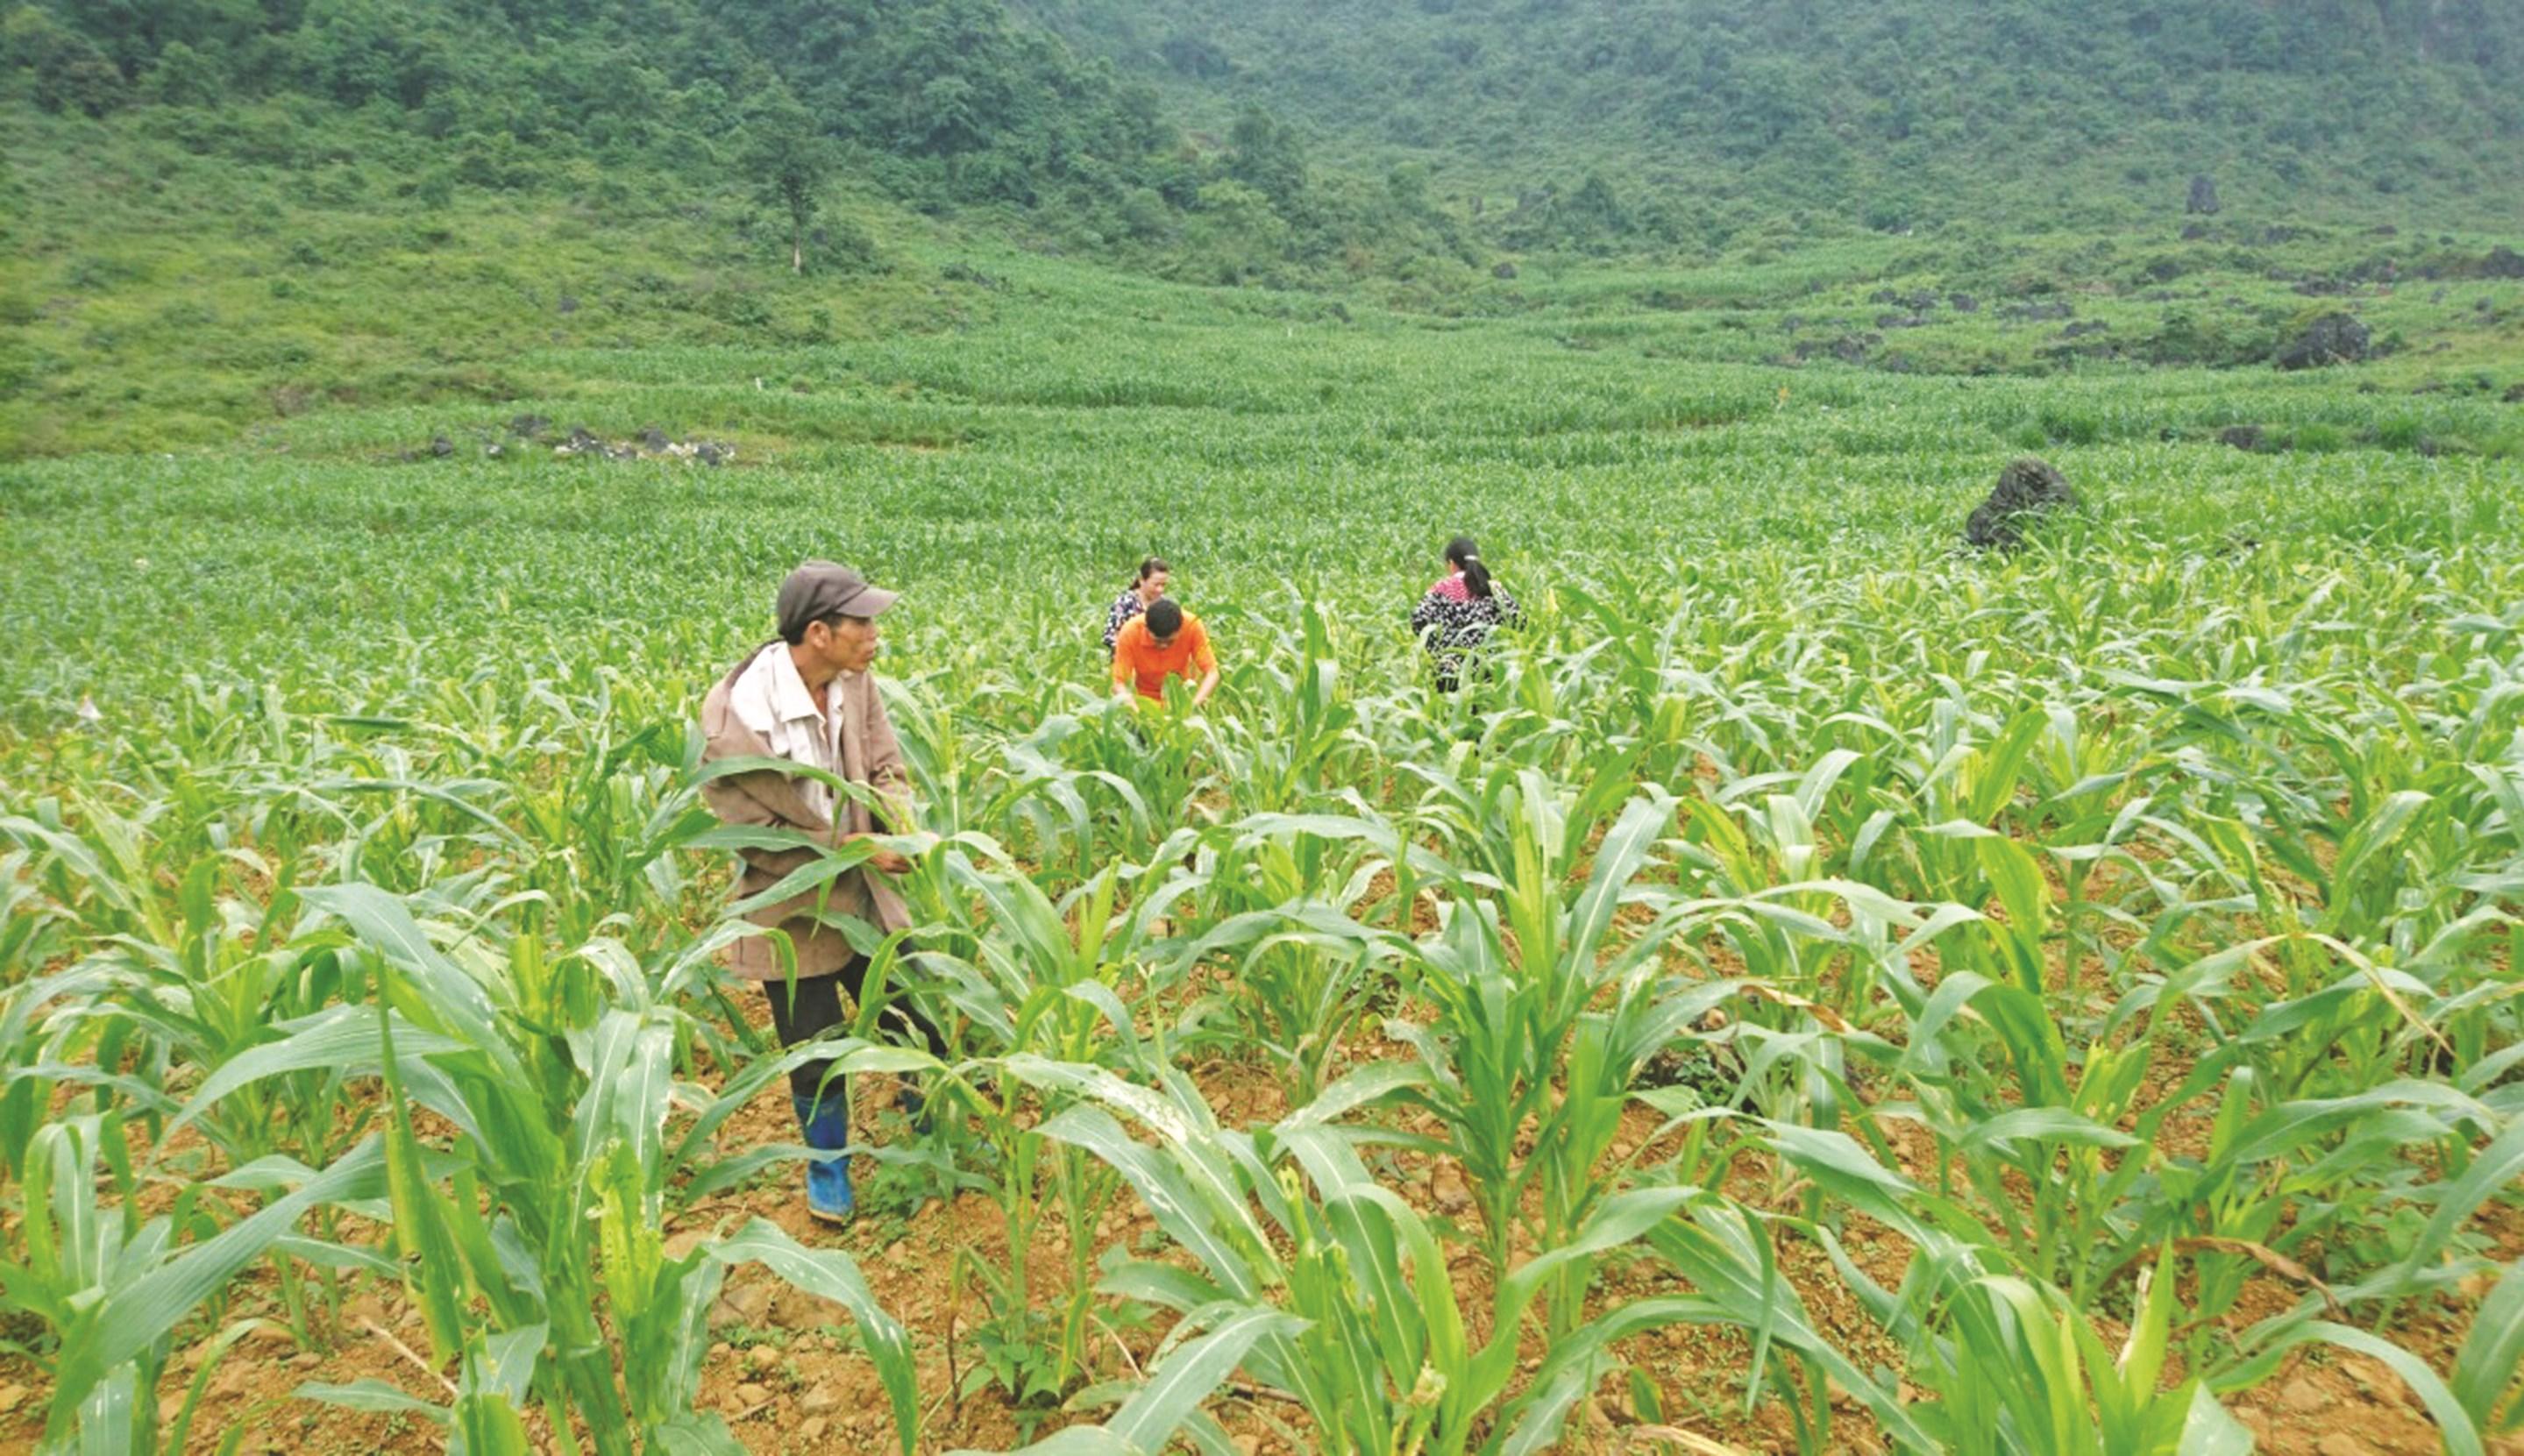 Nông dân xã Hoàng Tung, huyện Hòa An chăm sóc cây ngô.